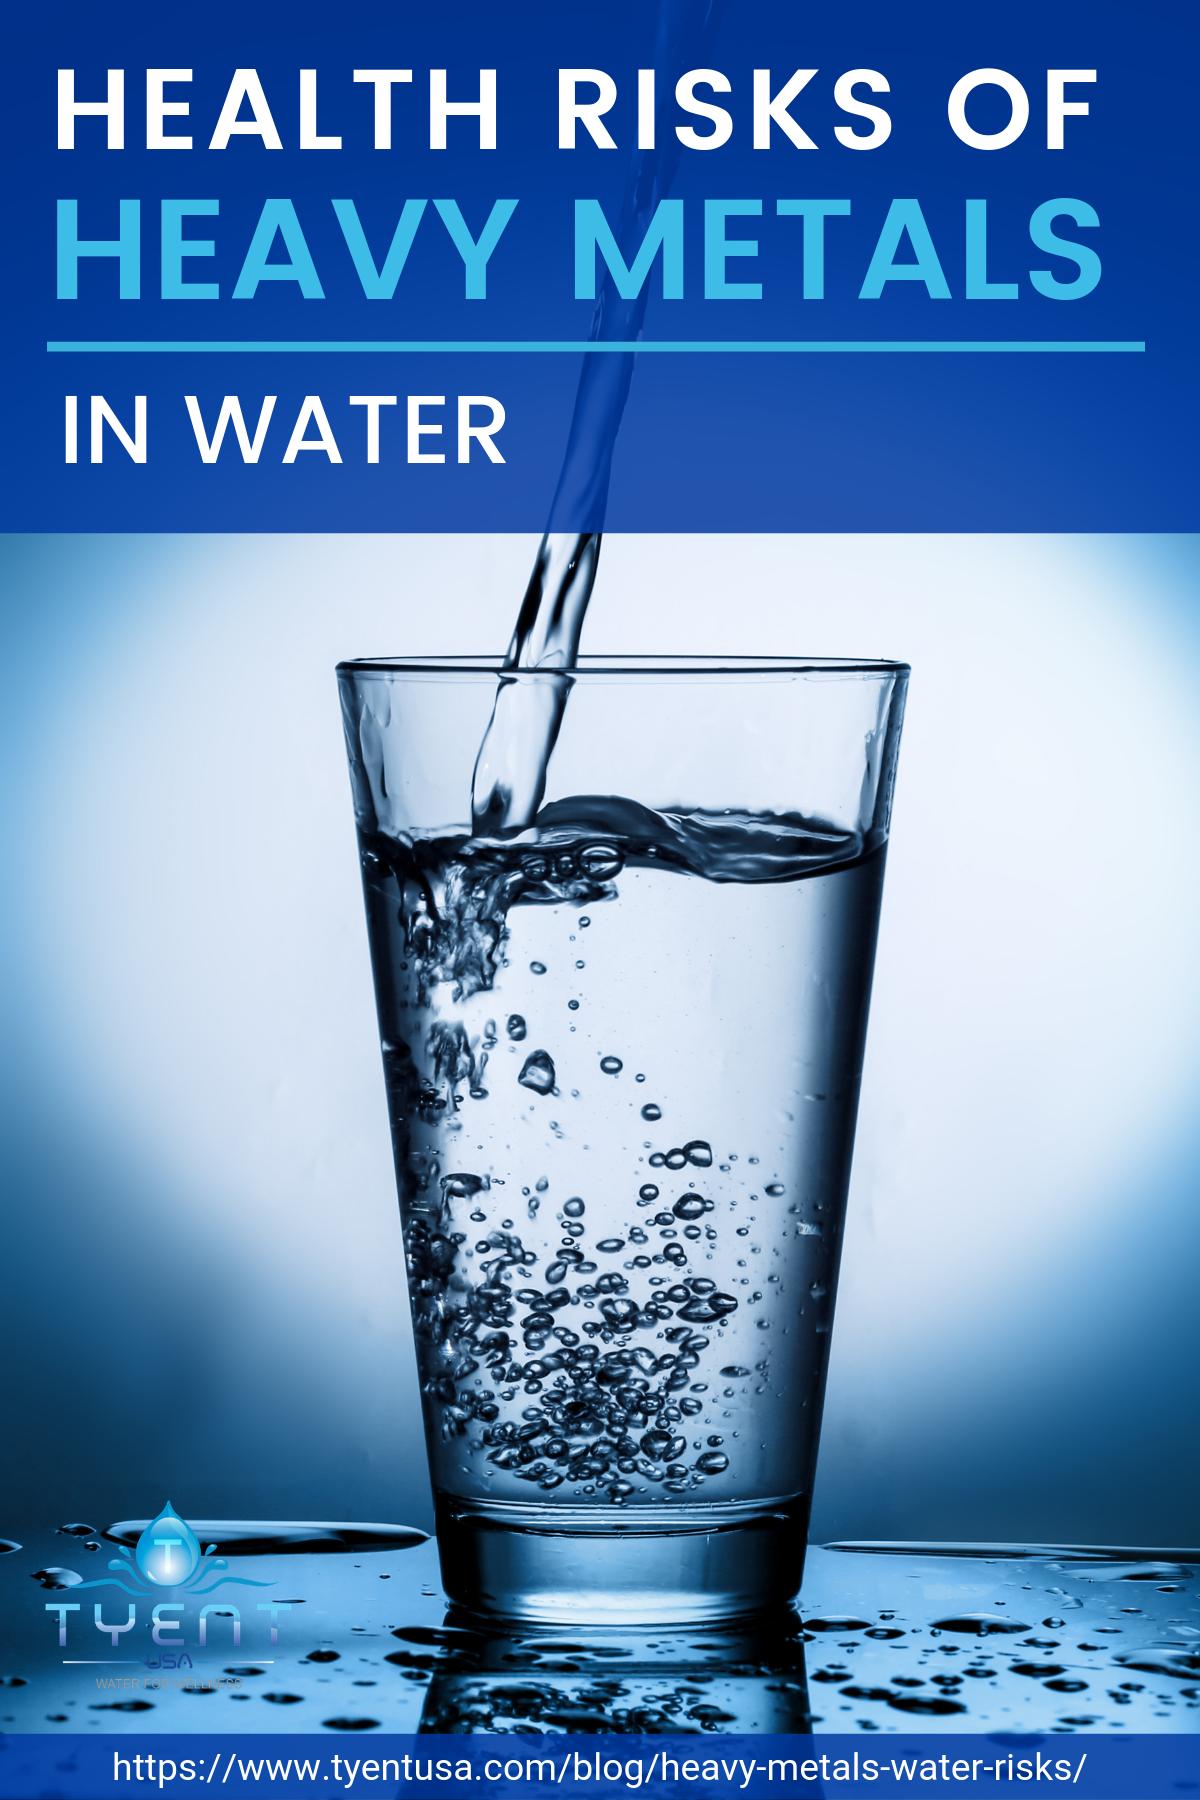 Health Risks Of Heavy Metals In Water https://www.tyentusa.com/blog/heavy-metals-water-risks/